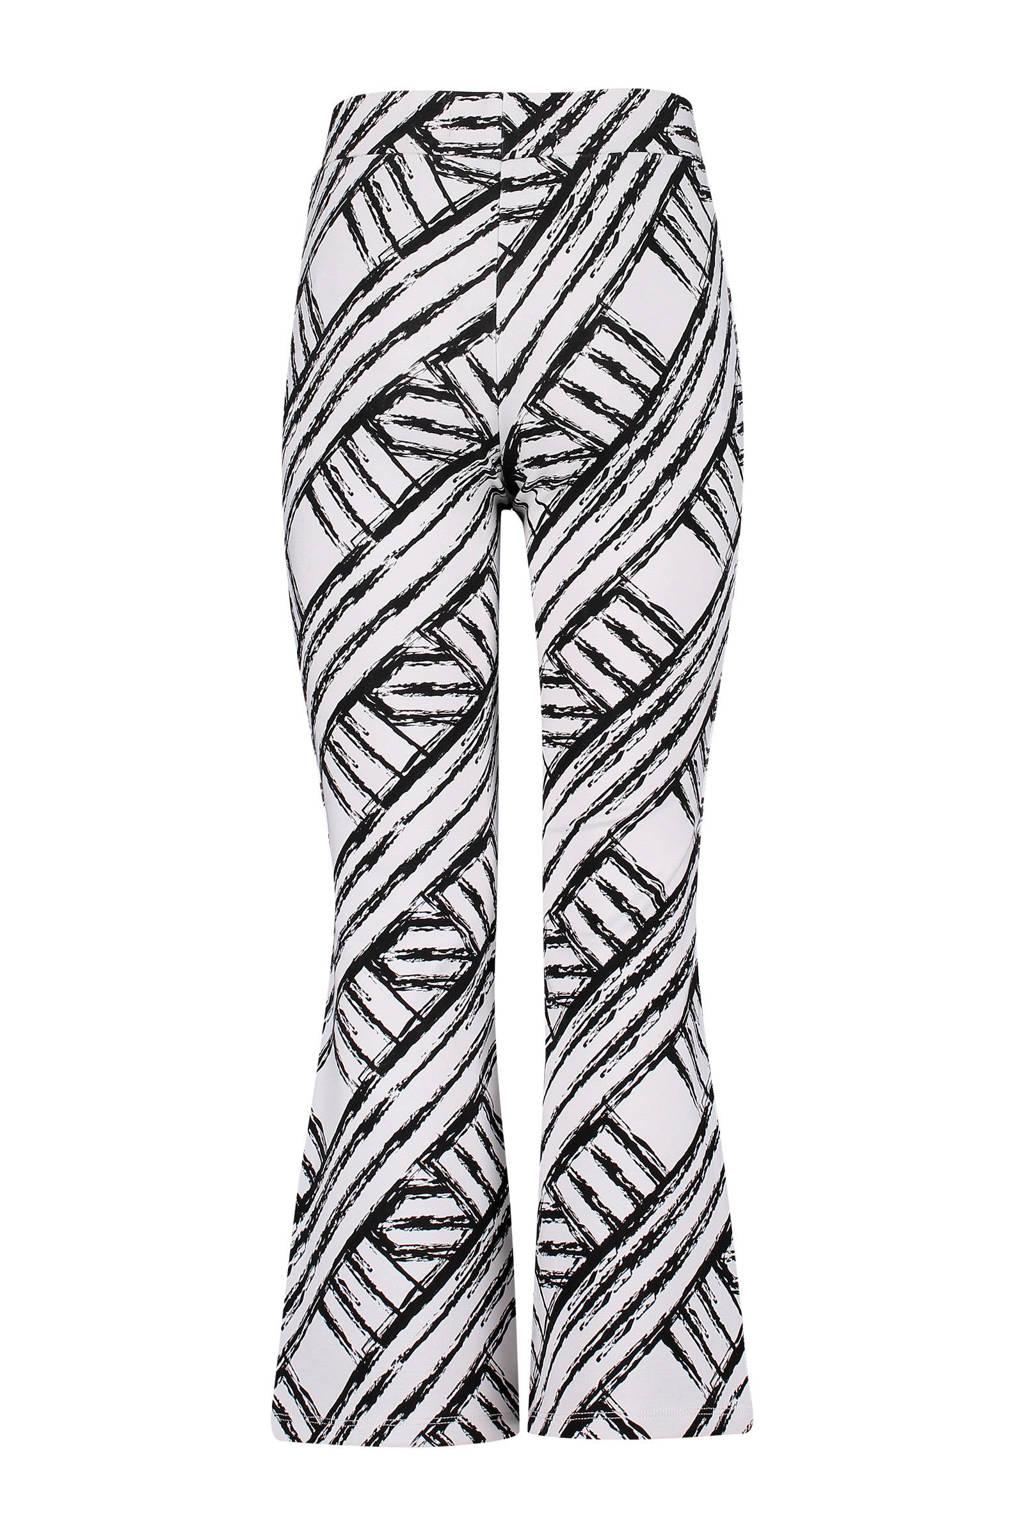 4PRESIDENT flared broek Karissa met grafische print wit/zwart, Wit/zwart